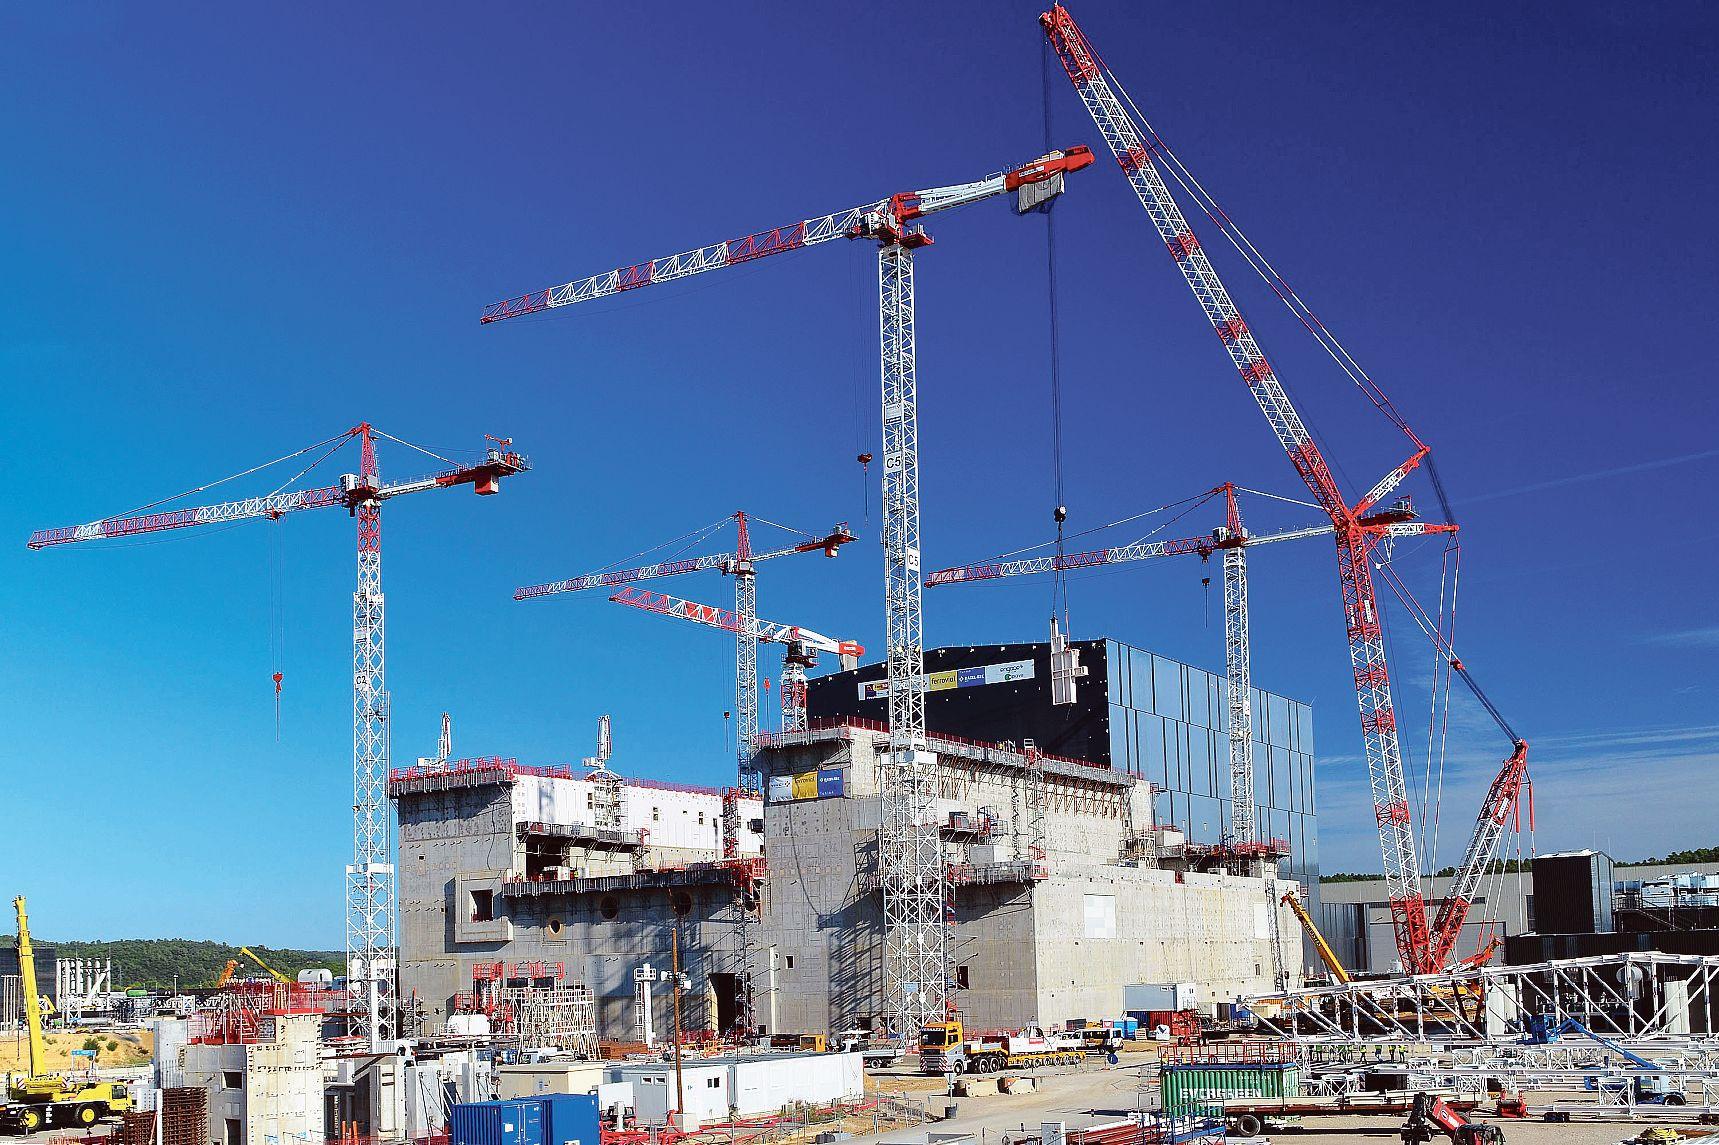 Iter, le projet de fusion nucléaire, avance pas à pas